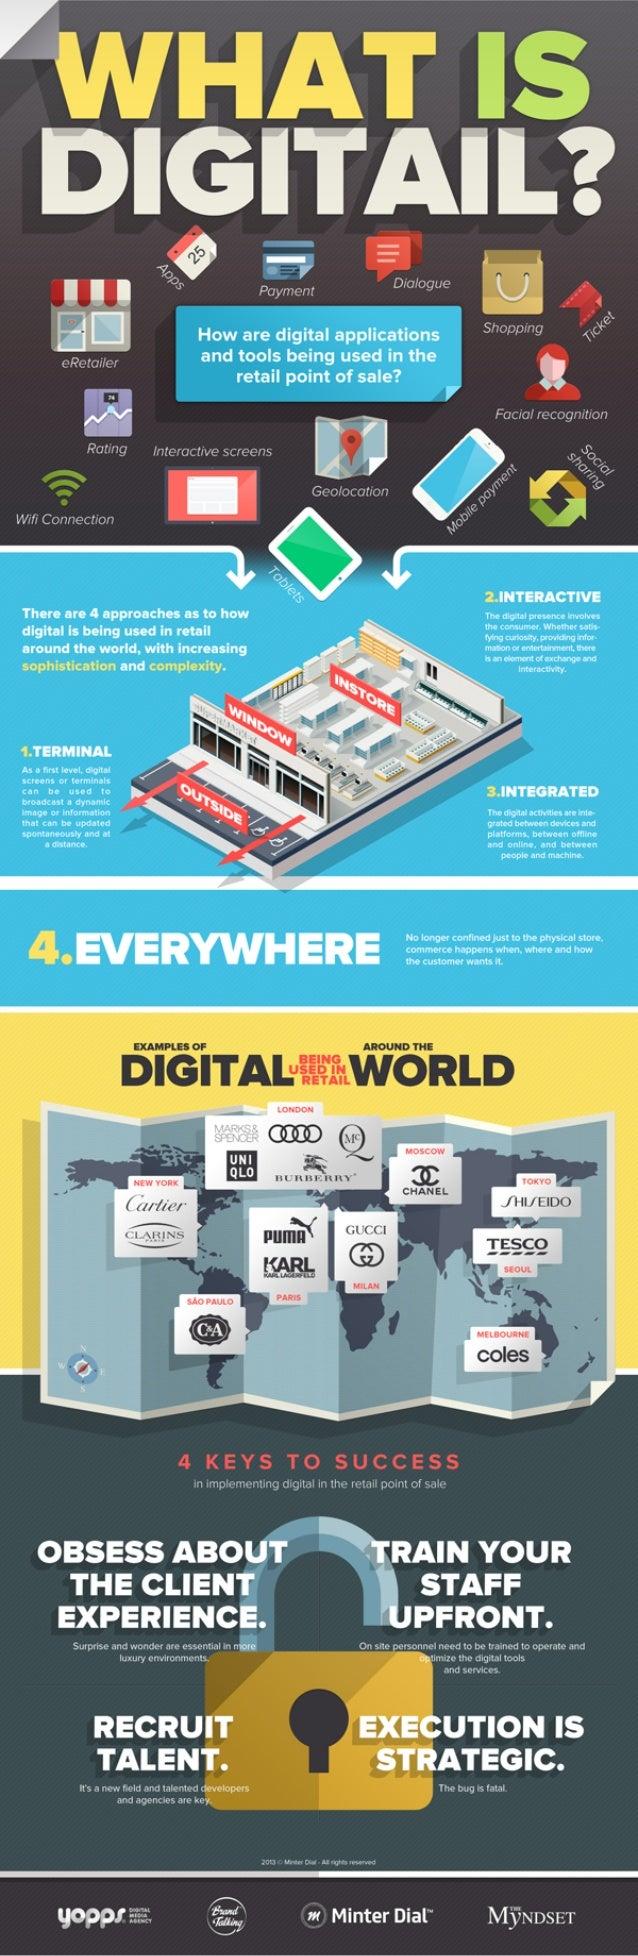 What is Digitail? (Digital in Retail)